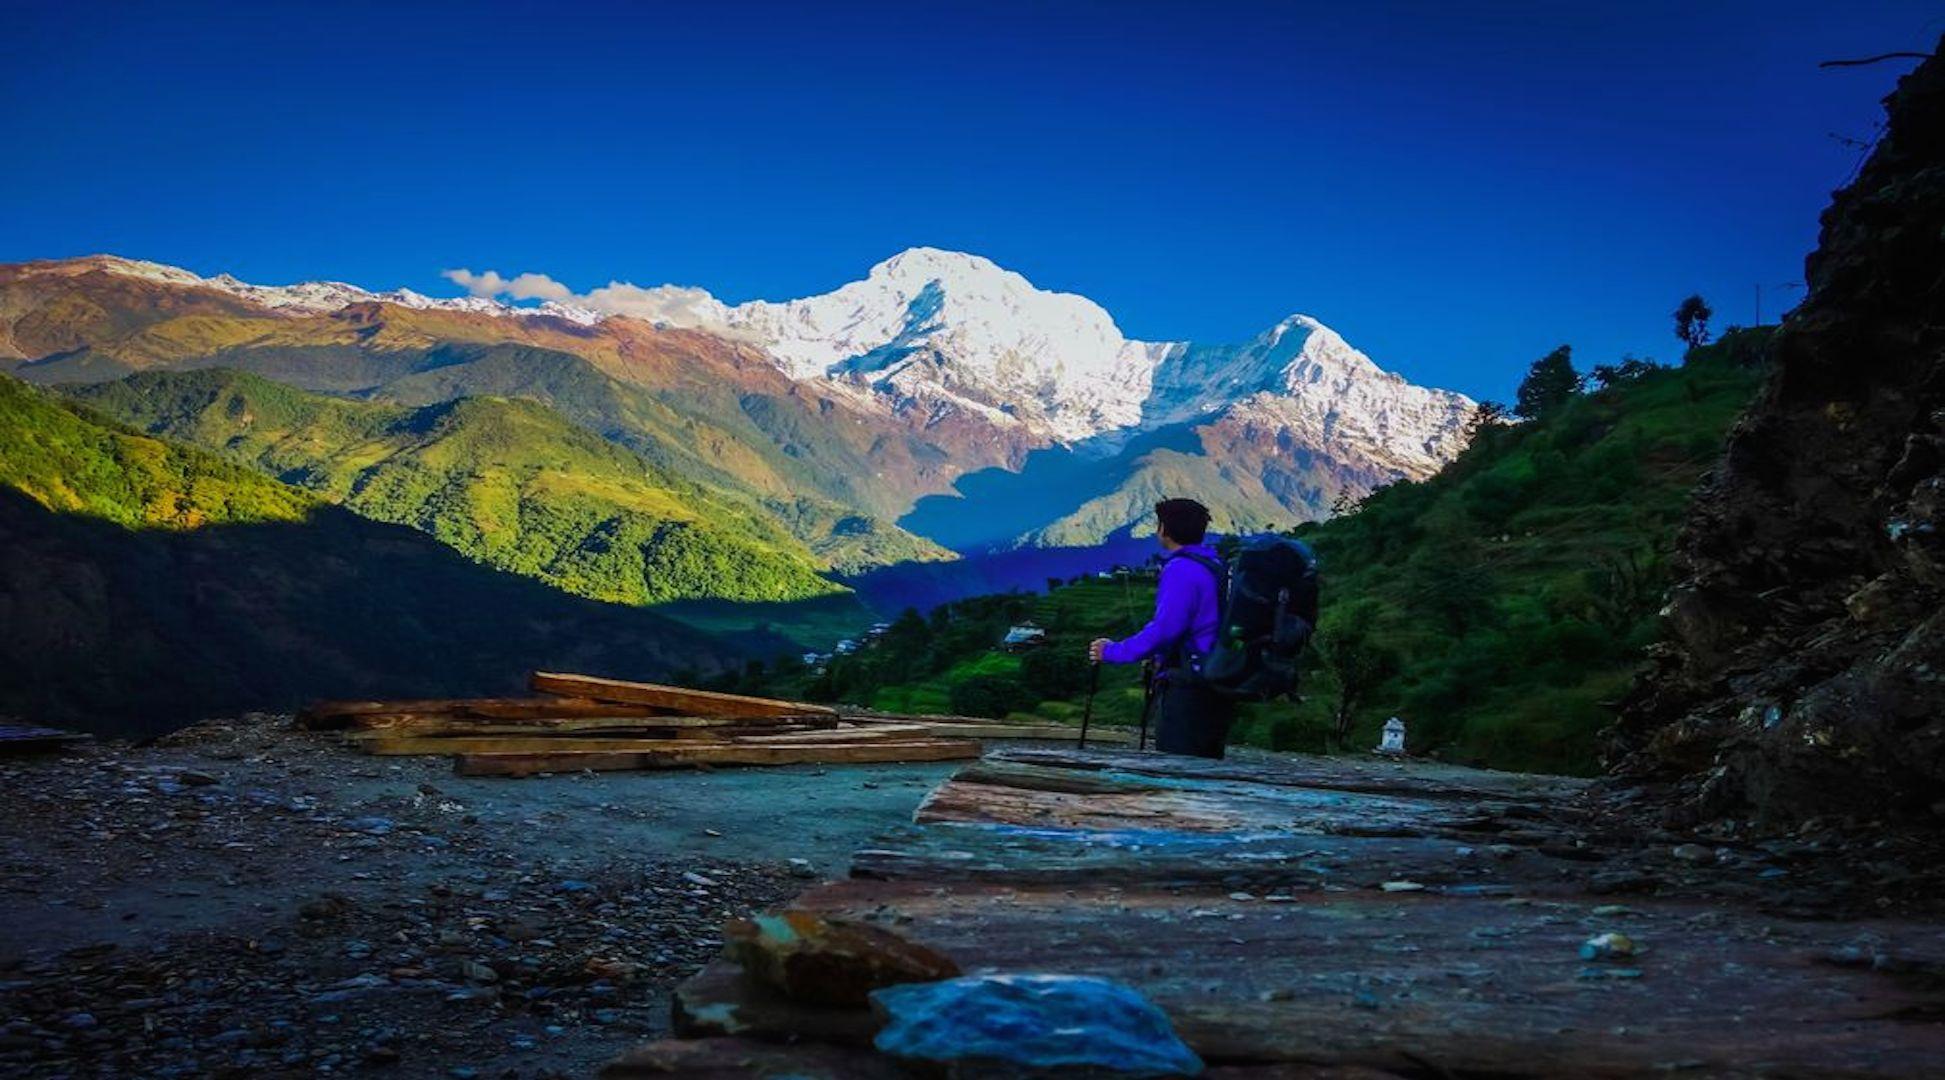 Annapurna region treks